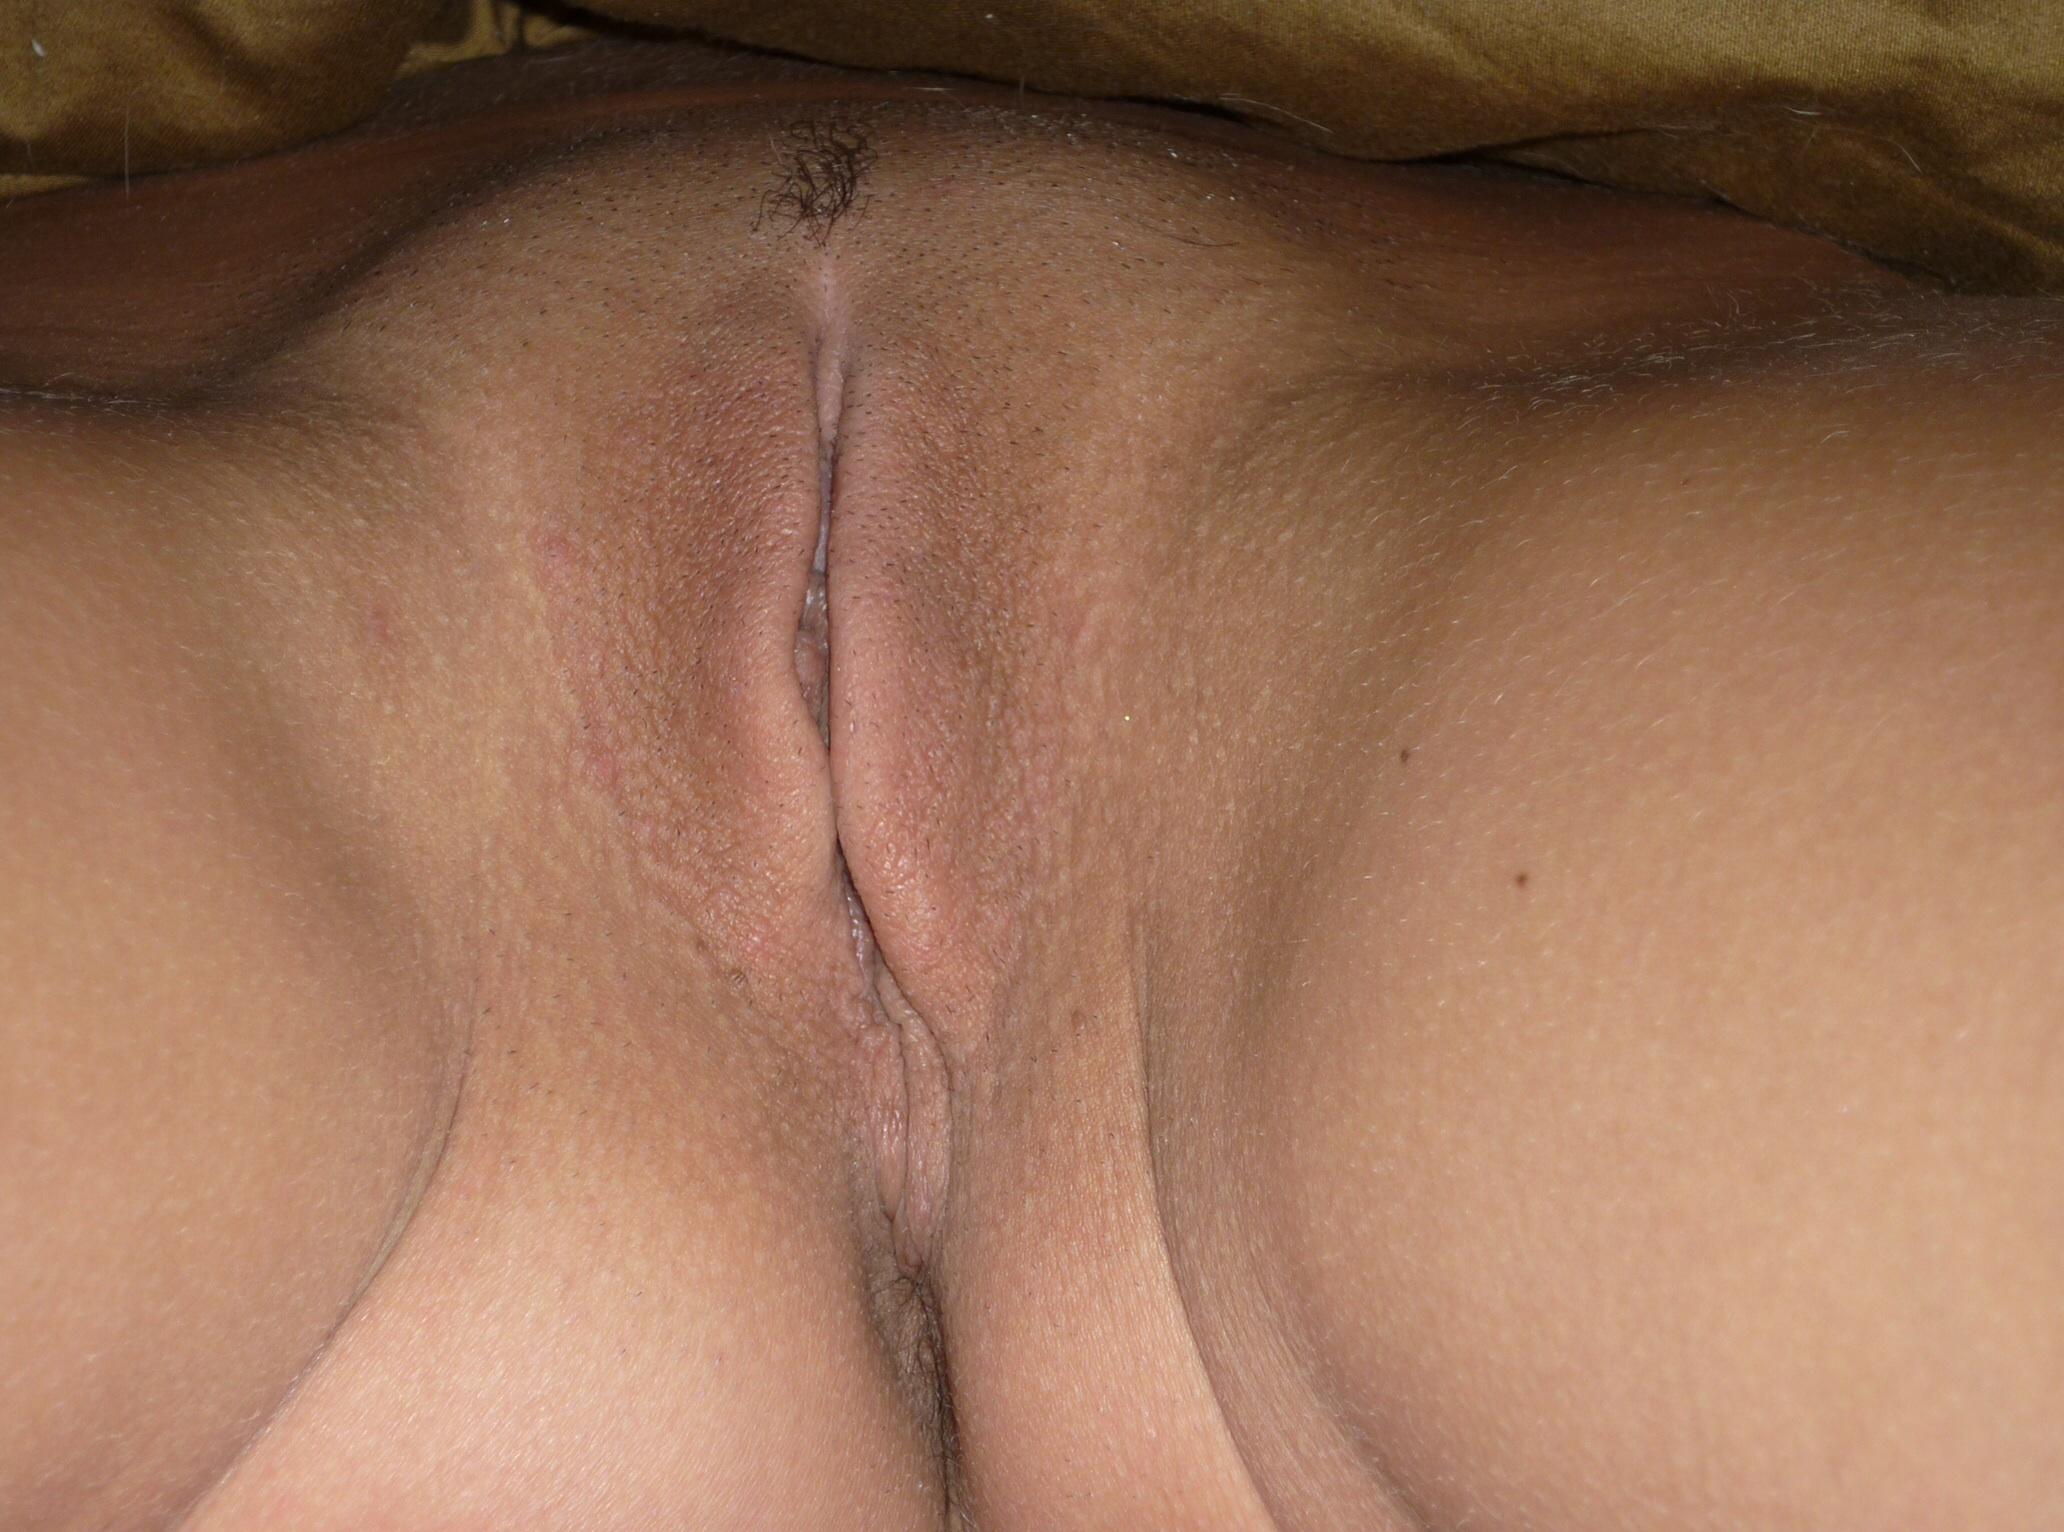 18 yo close up pussy bang 10